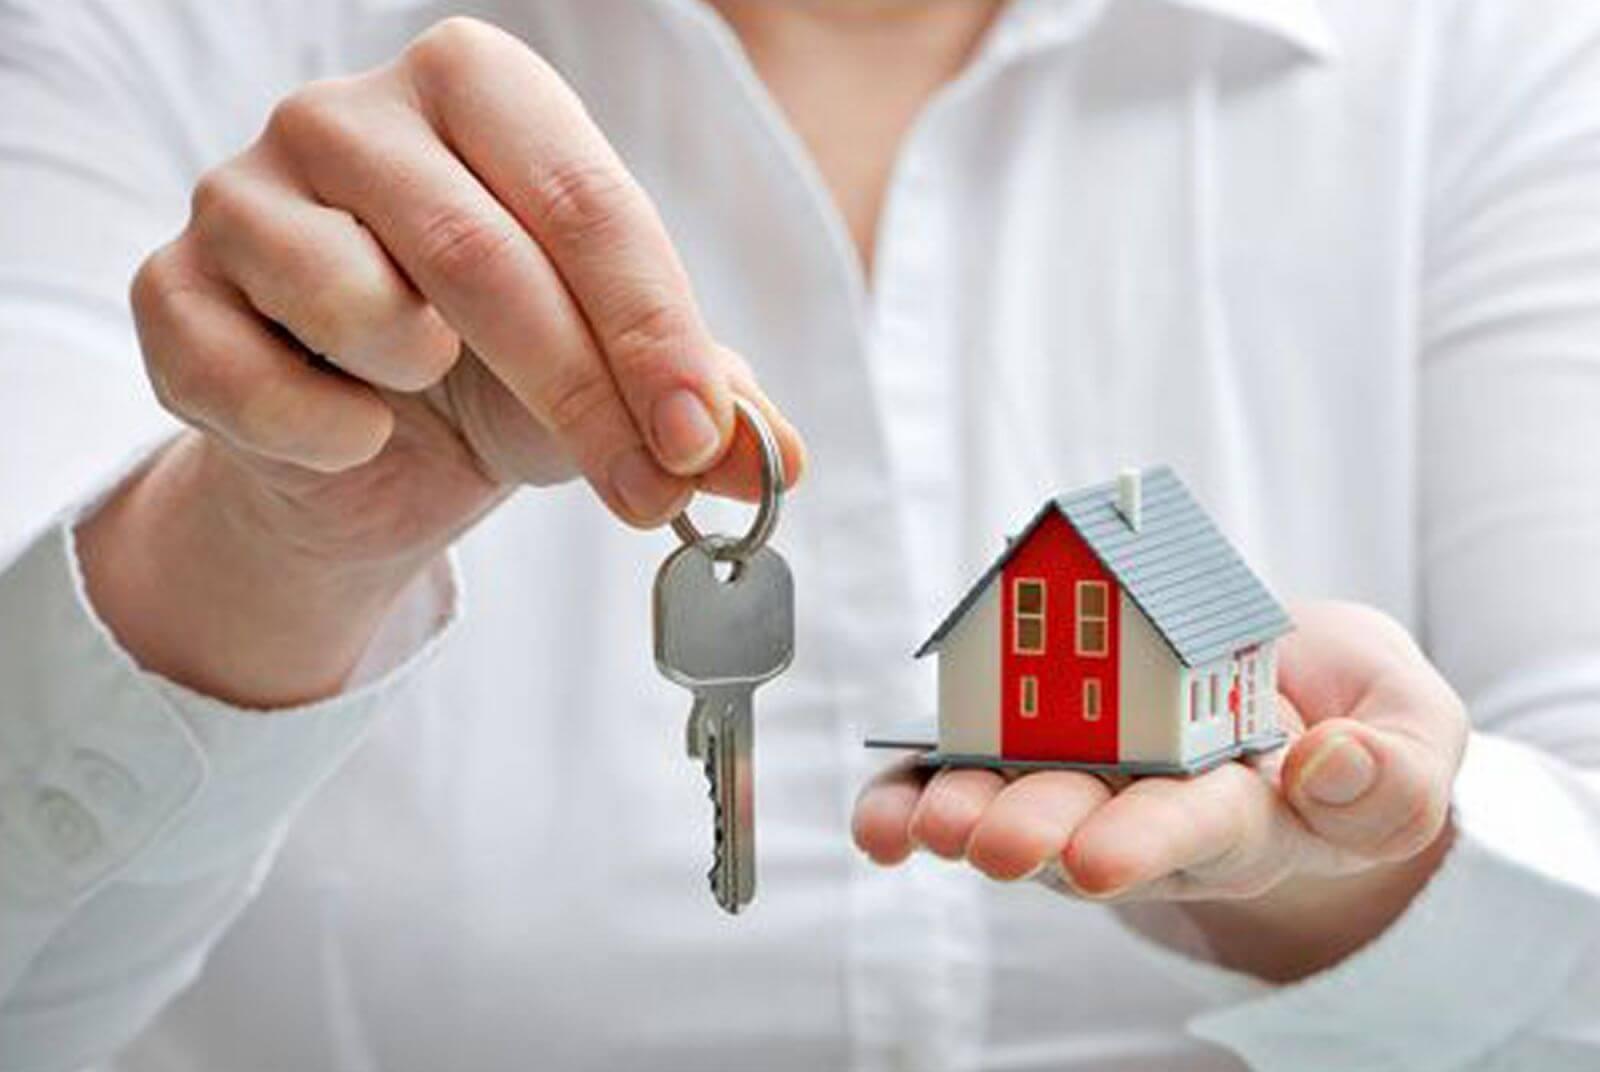 Продажа домов под материнский капитал возможна ли и как осуществляется